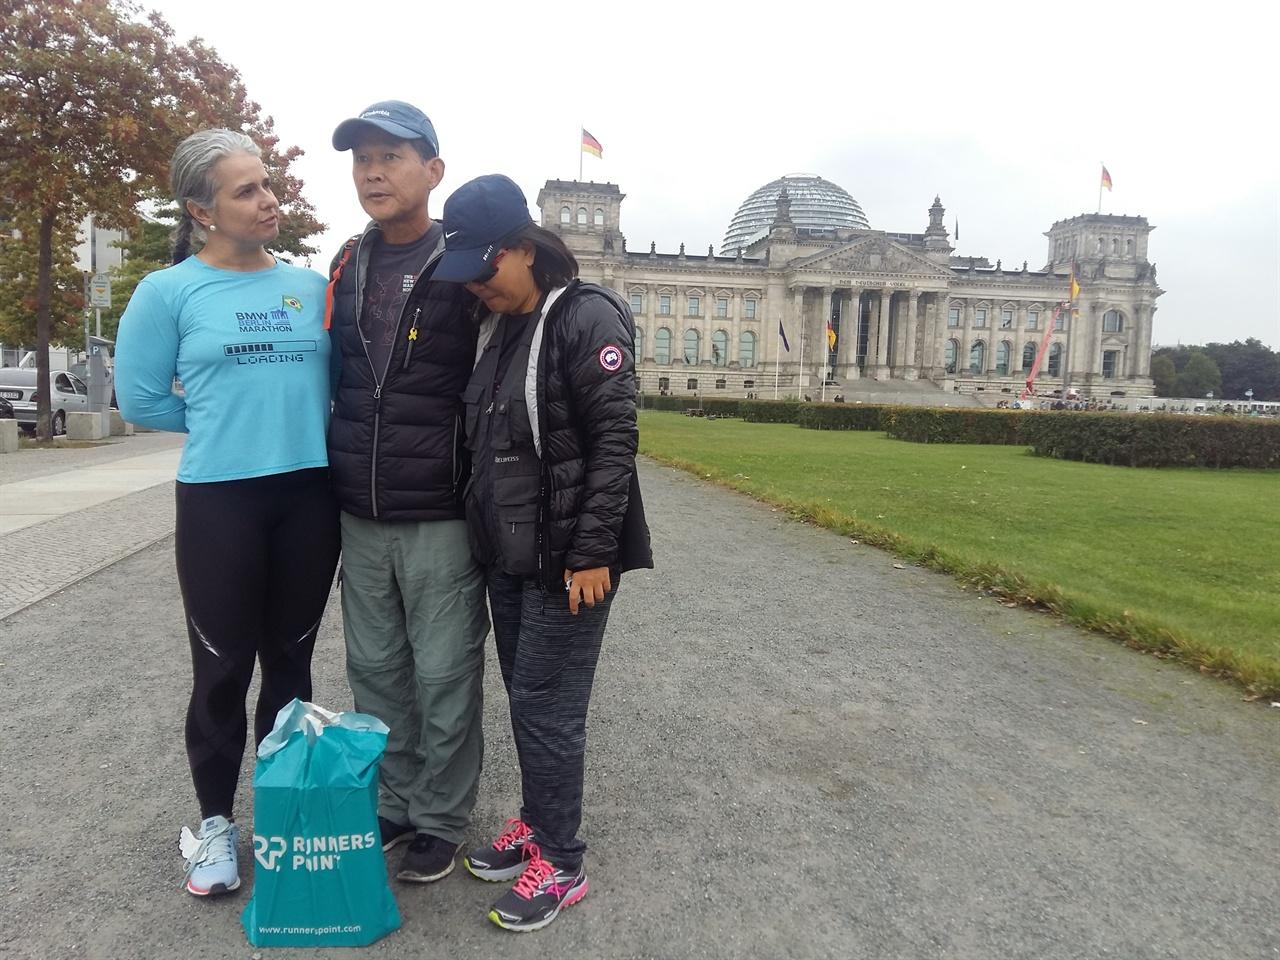 베를린 국회의사당 앞에서 베를린 국회의사당 앞에서 만나 베를린 마라톤 참가차 온 브라질 마라토너와 함께